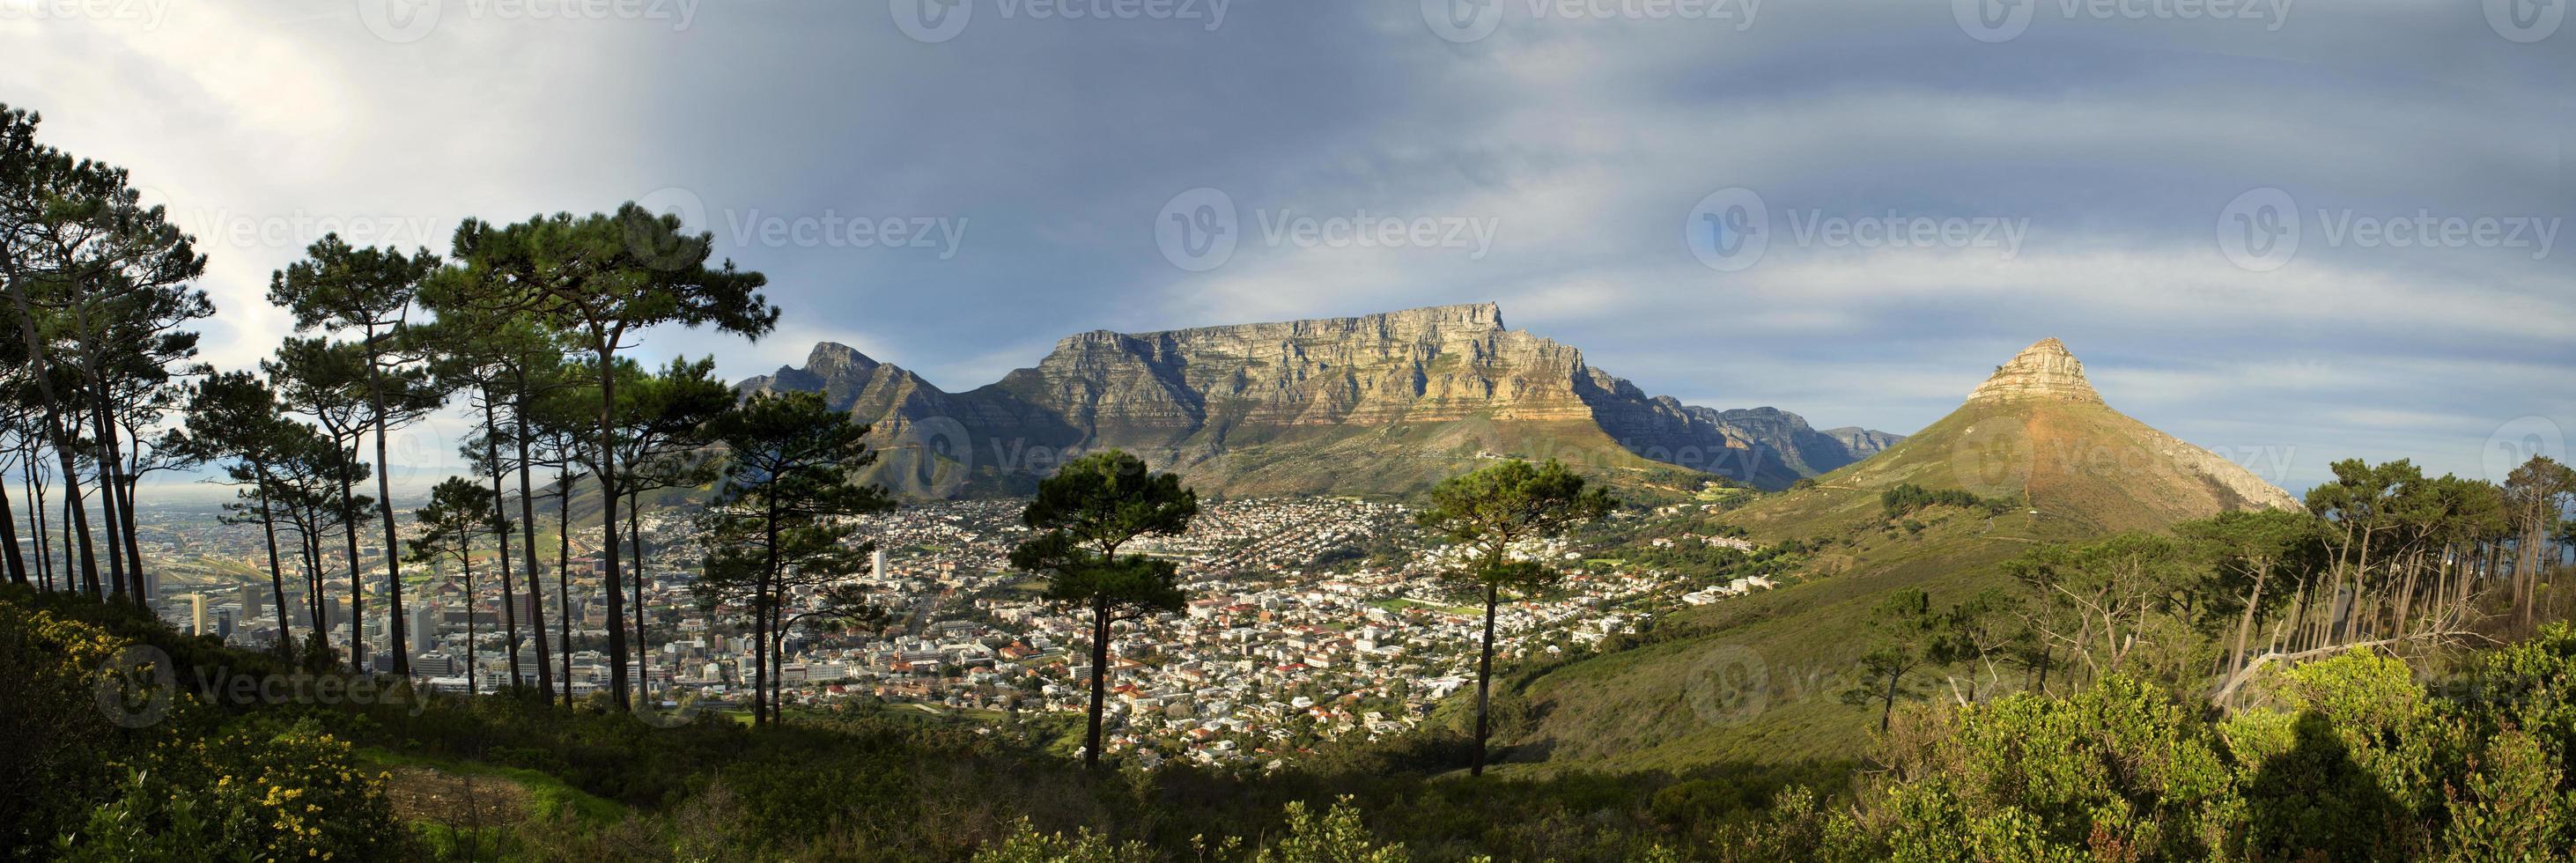 table mountain dalla collina del segnale foto